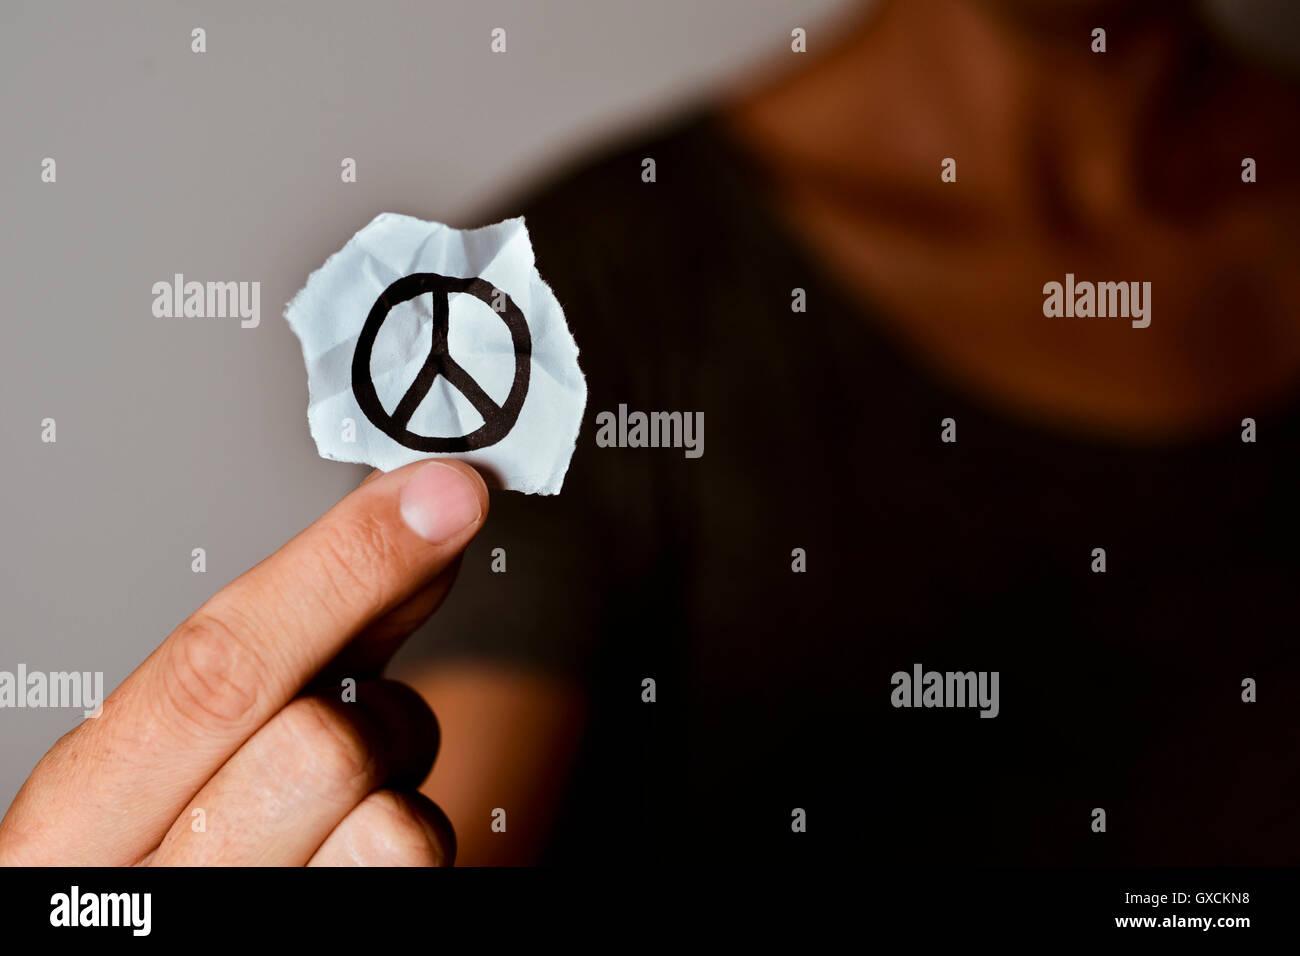 Primer plano de un joven mostrando un trozo de papel con un símbolo de paz dibujado en ella Imagen De Stock